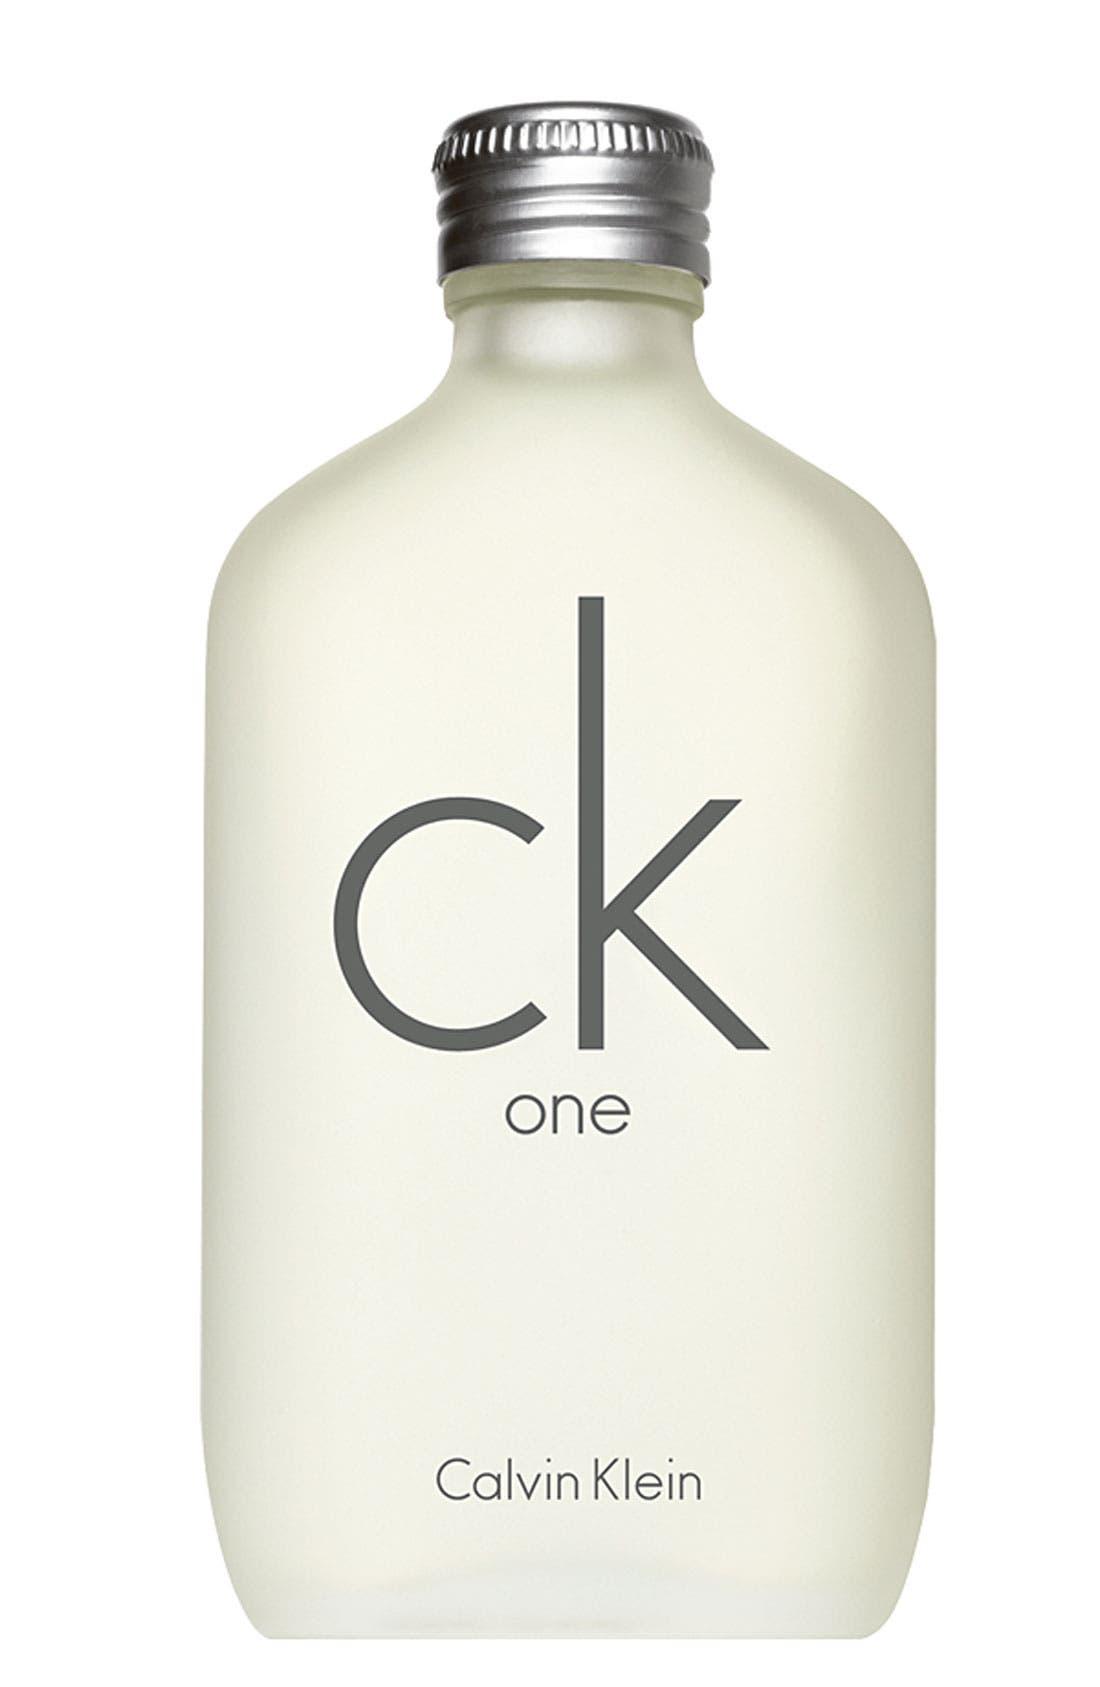 ck one by Calvin Klein Eau de Toilette,                             Main thumbnail 1, color,                             000